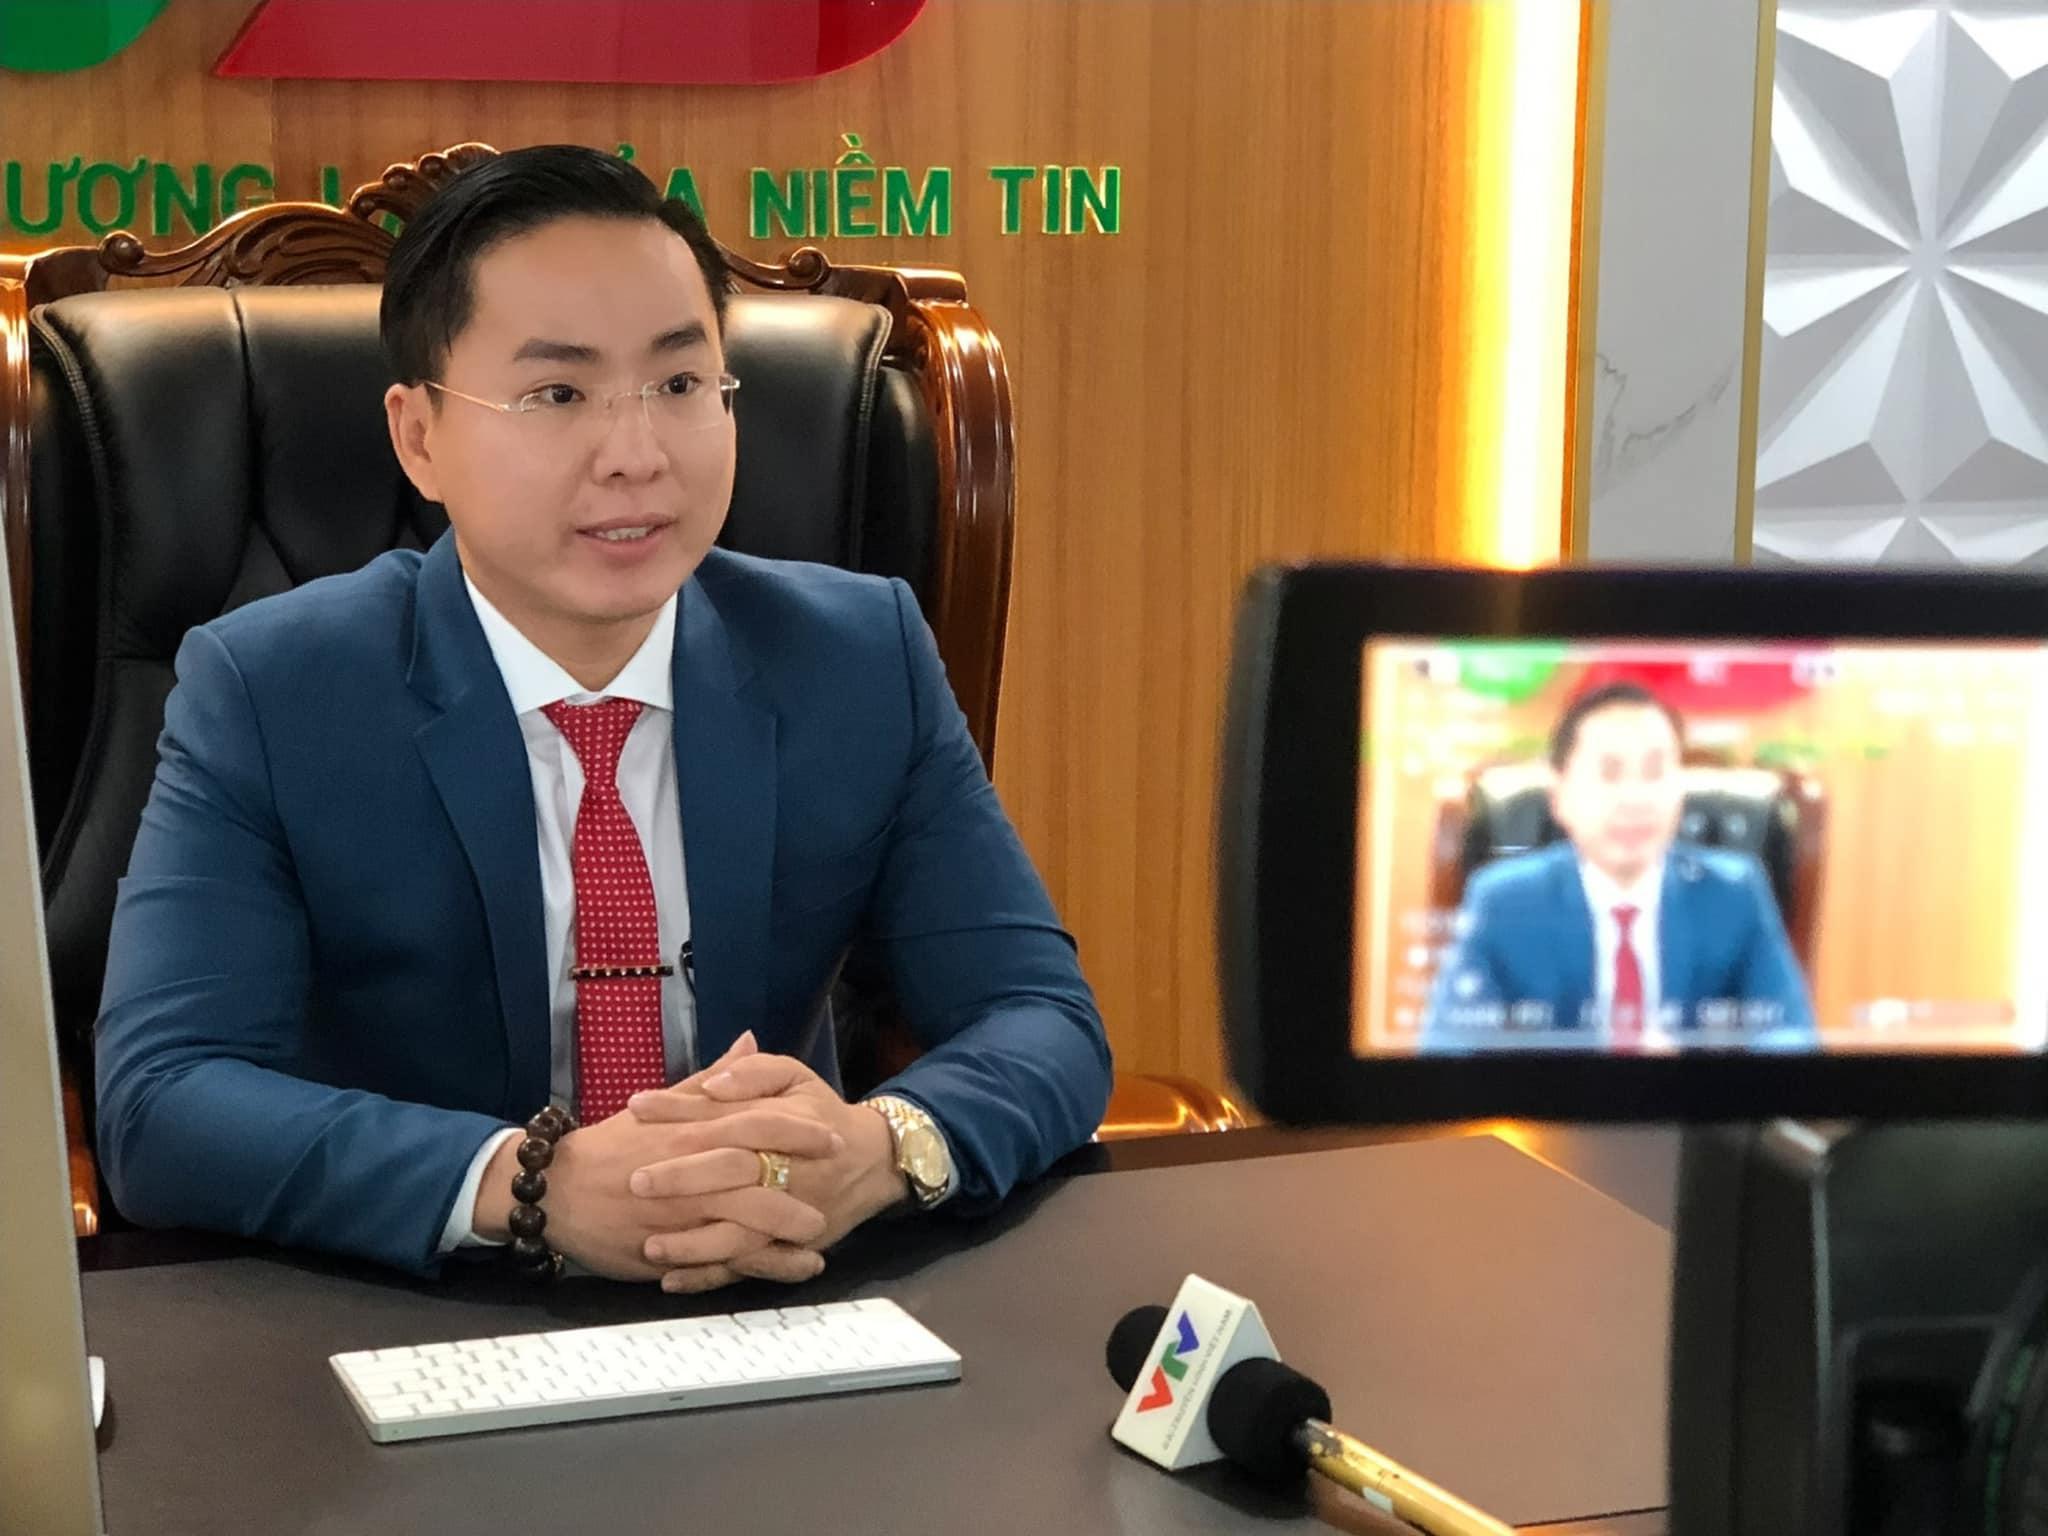 Chủ tịch VSetGroup - ông Trương Anh chia sẻ về định hướng phát triển Tập đoàn VSetGroup trong năm 2021.